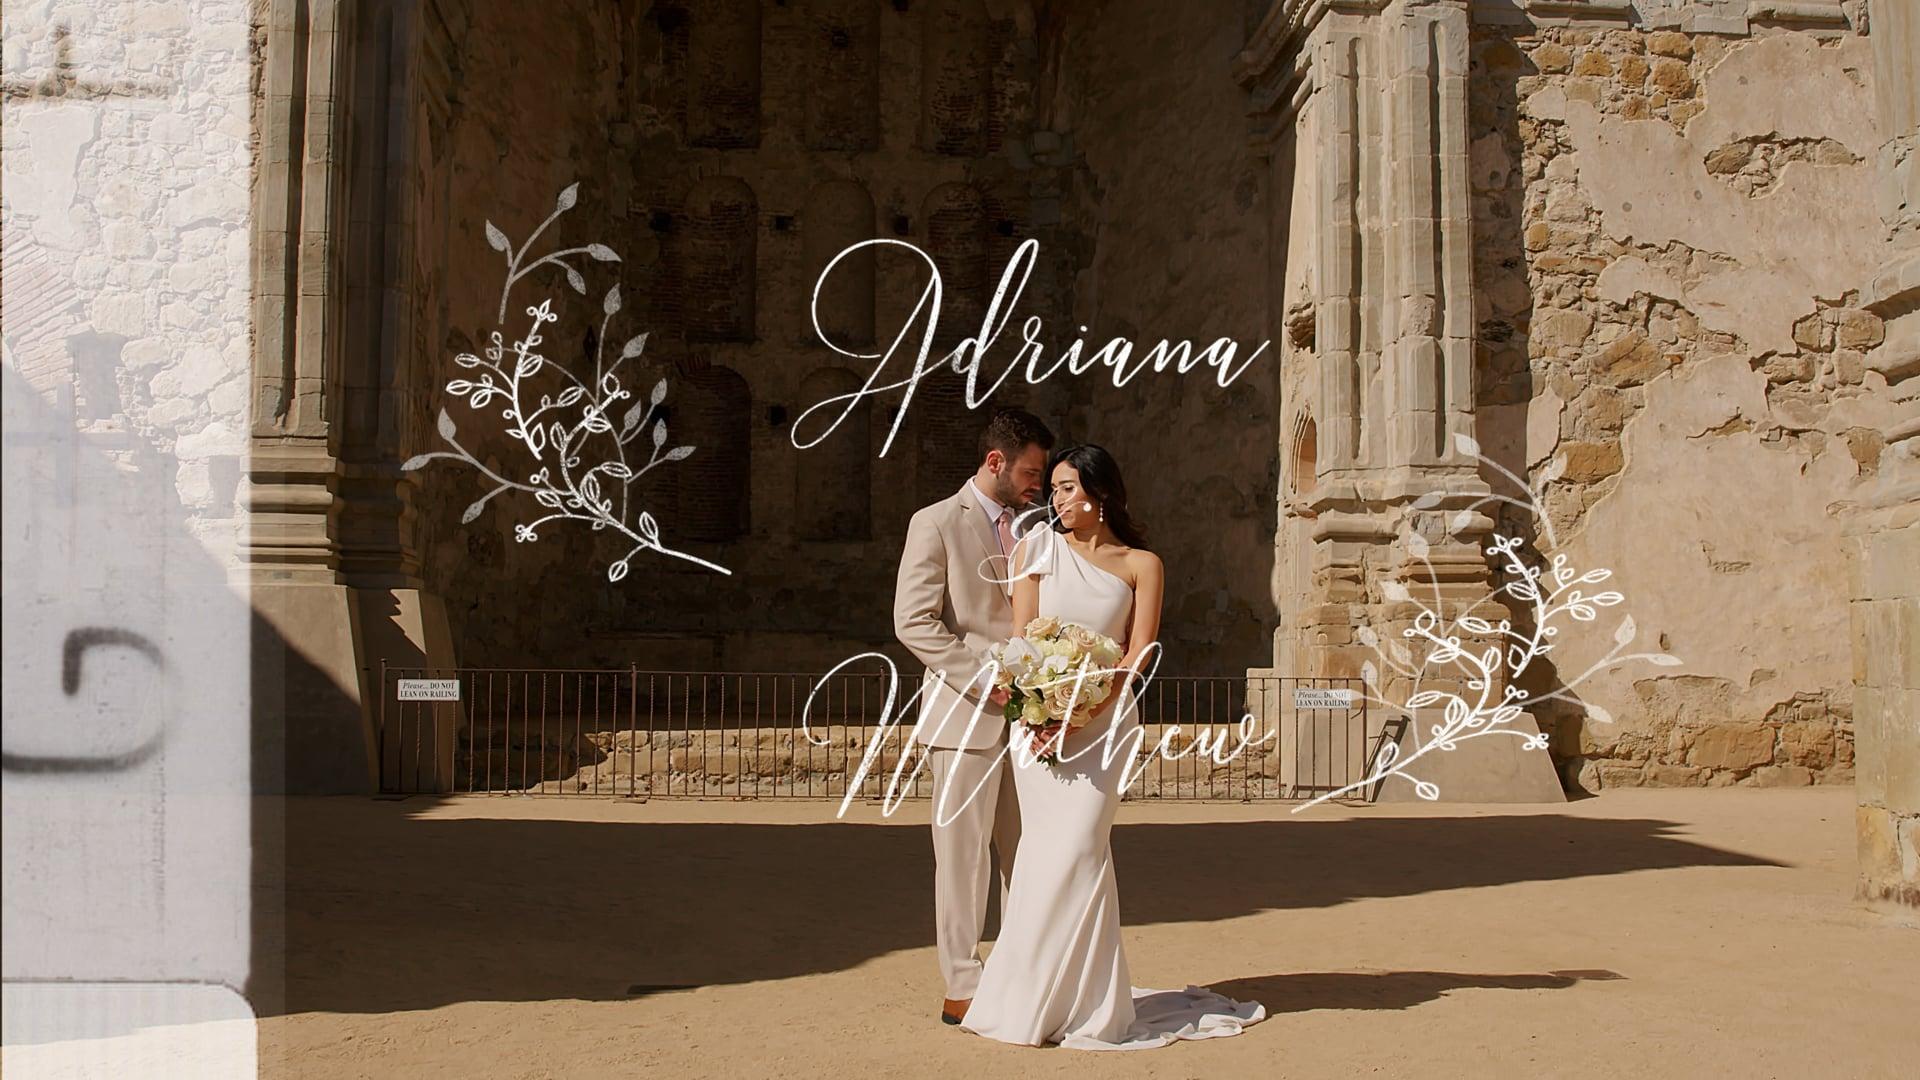 Adriana & Mathew